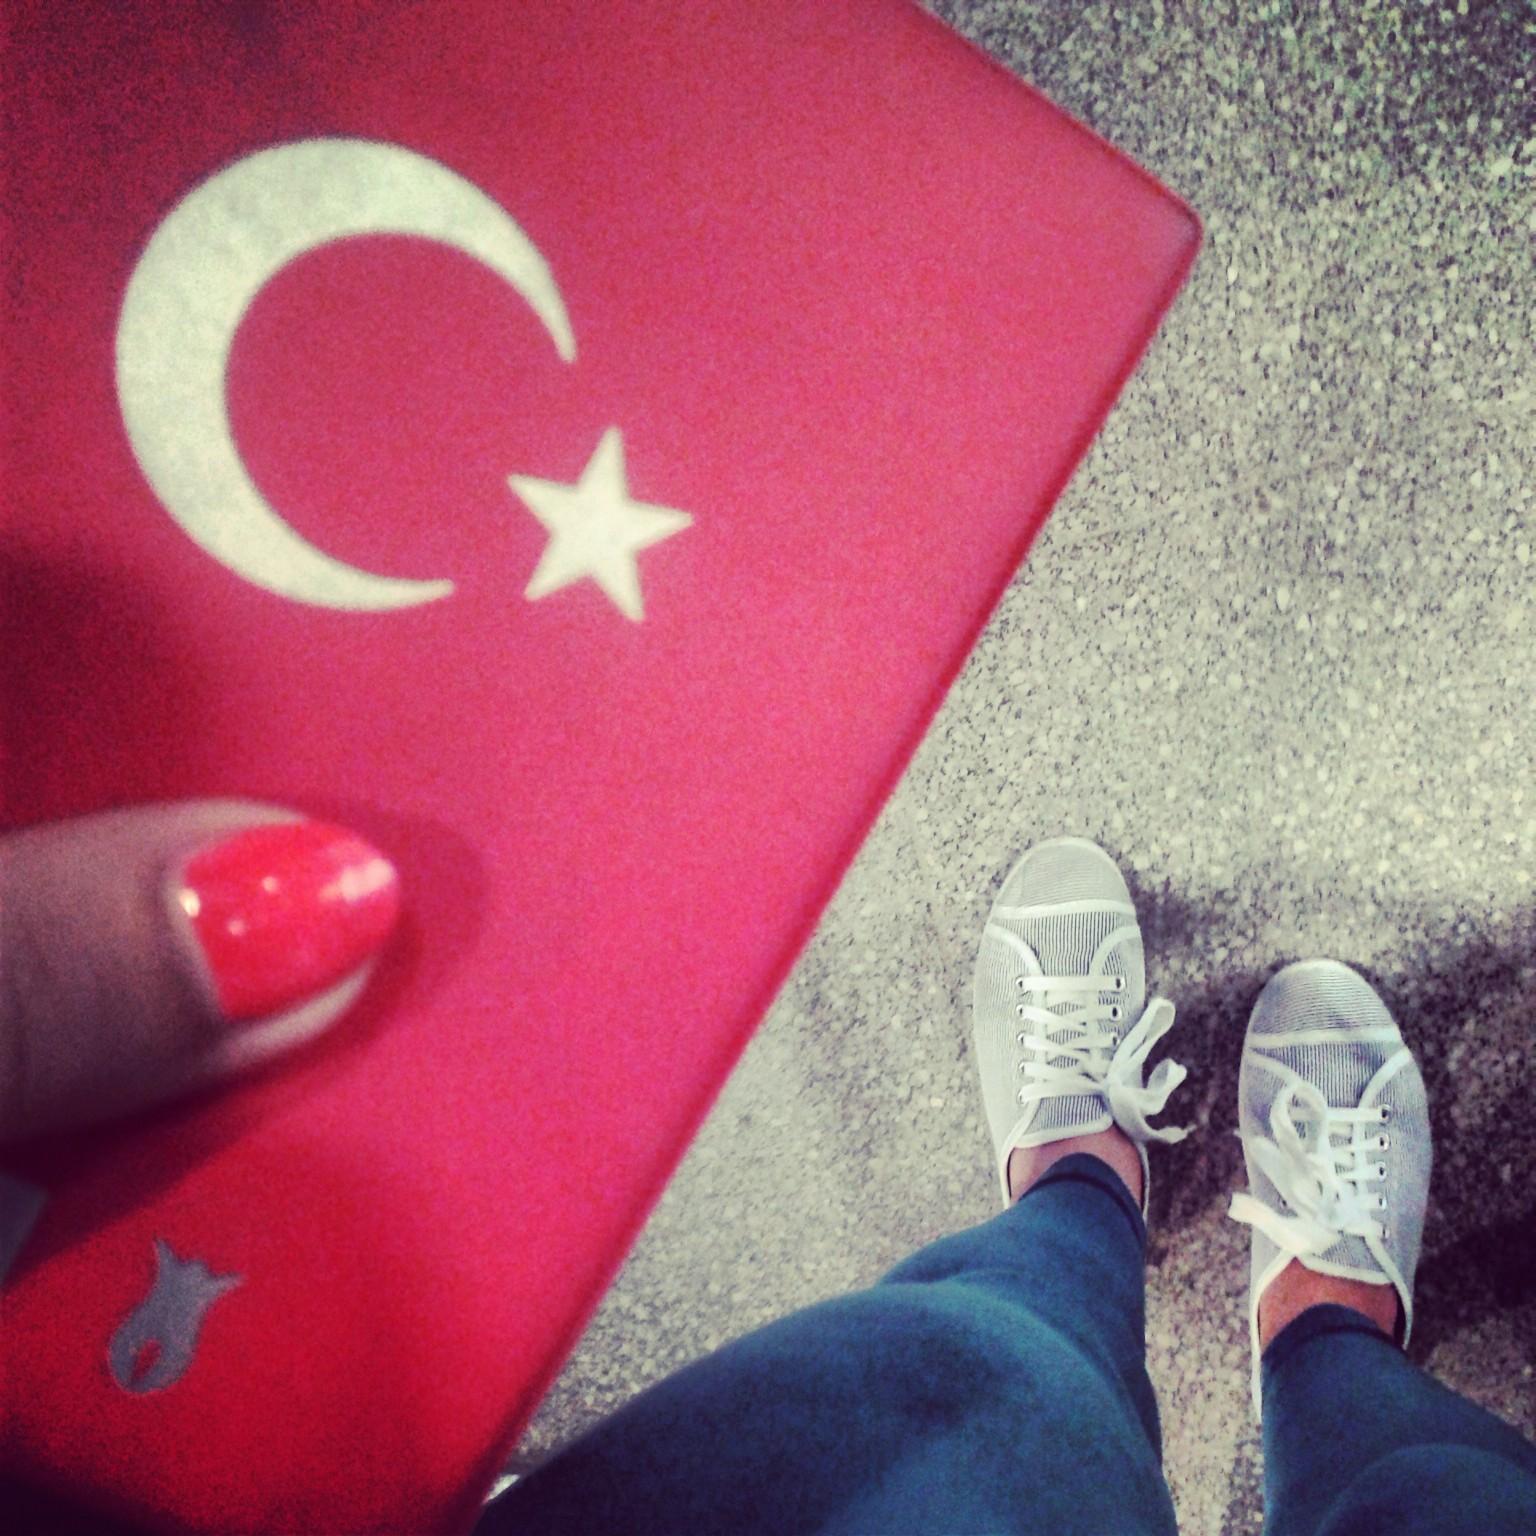 Wielki powrót do Turcji